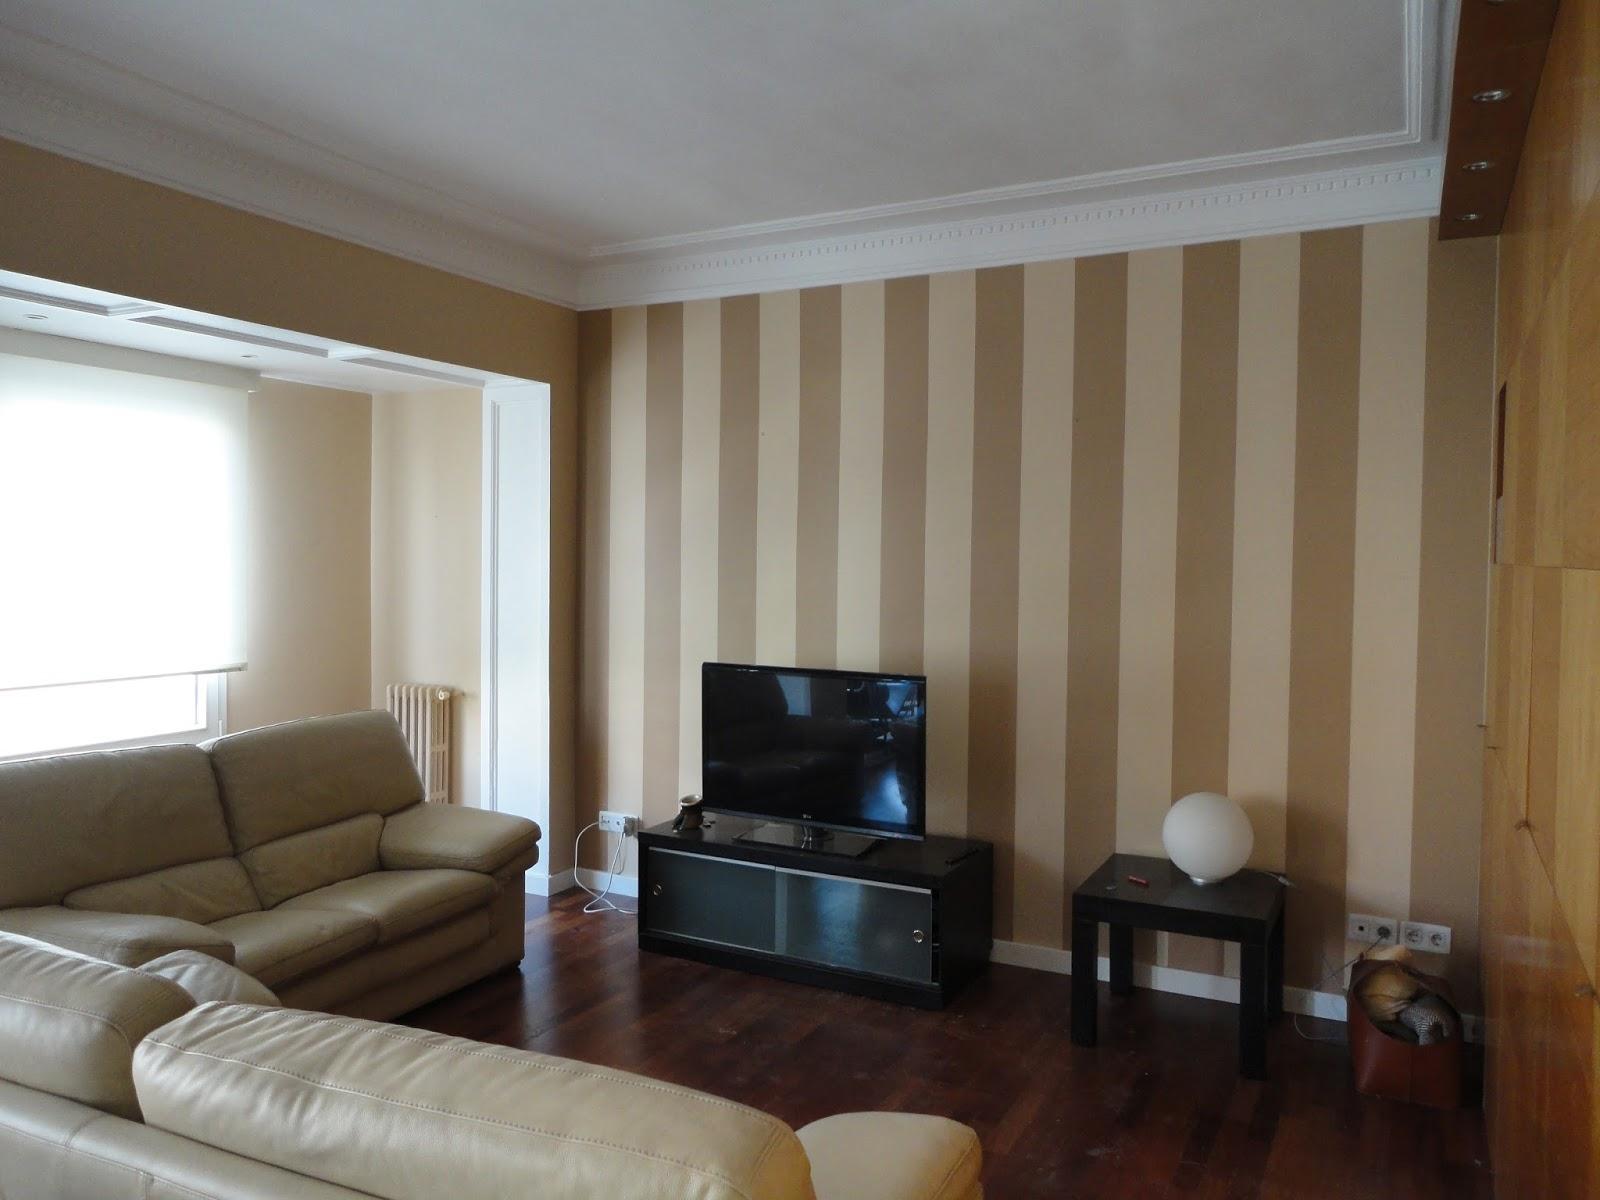 Rayas pintadas pintor david martinez - Pintar paredes a rayas horizontales ...